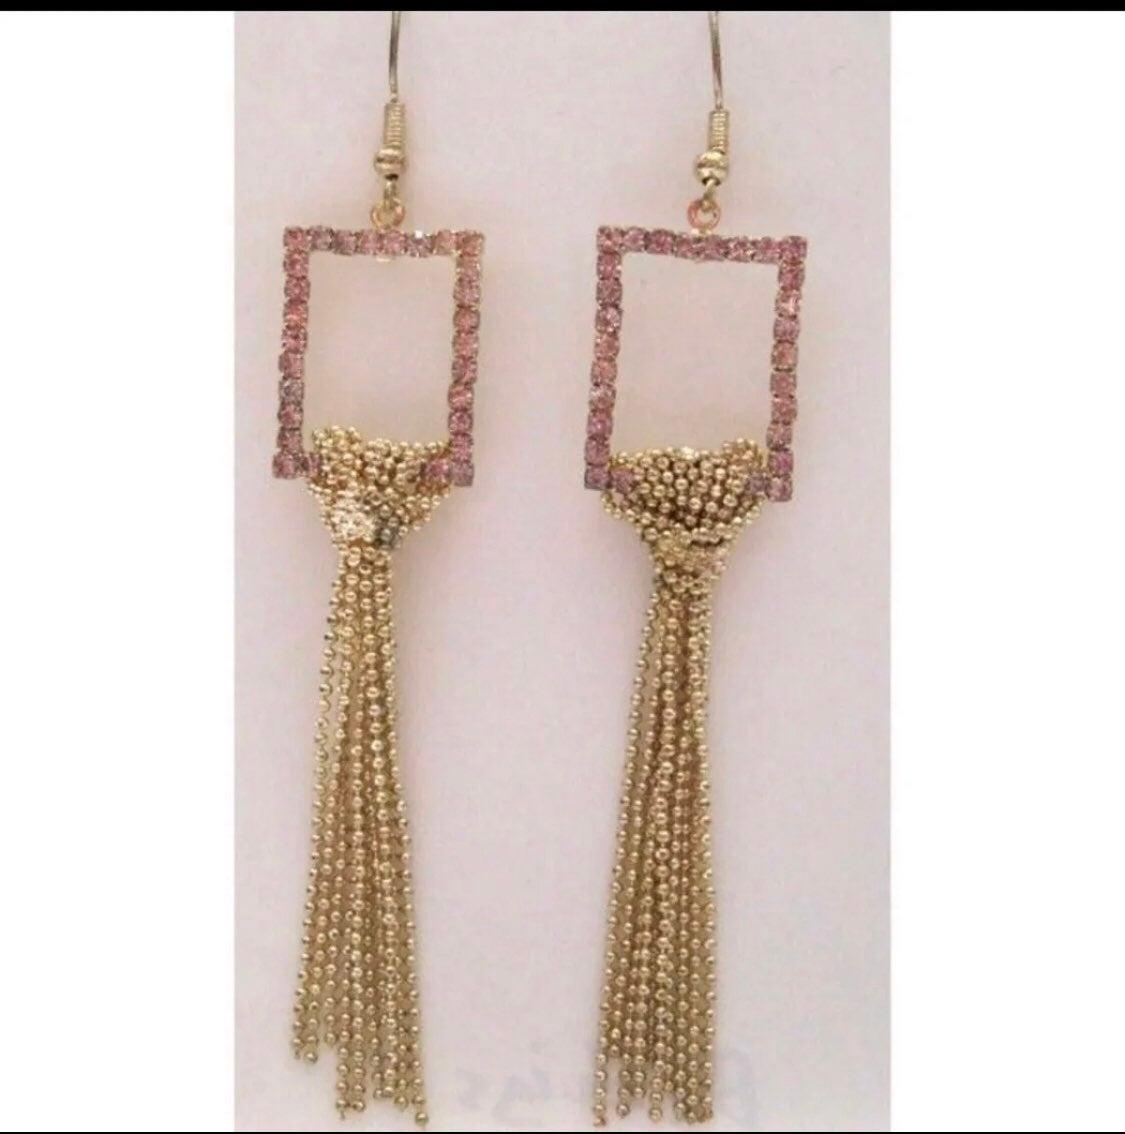 Gold Tassel Earrings - new